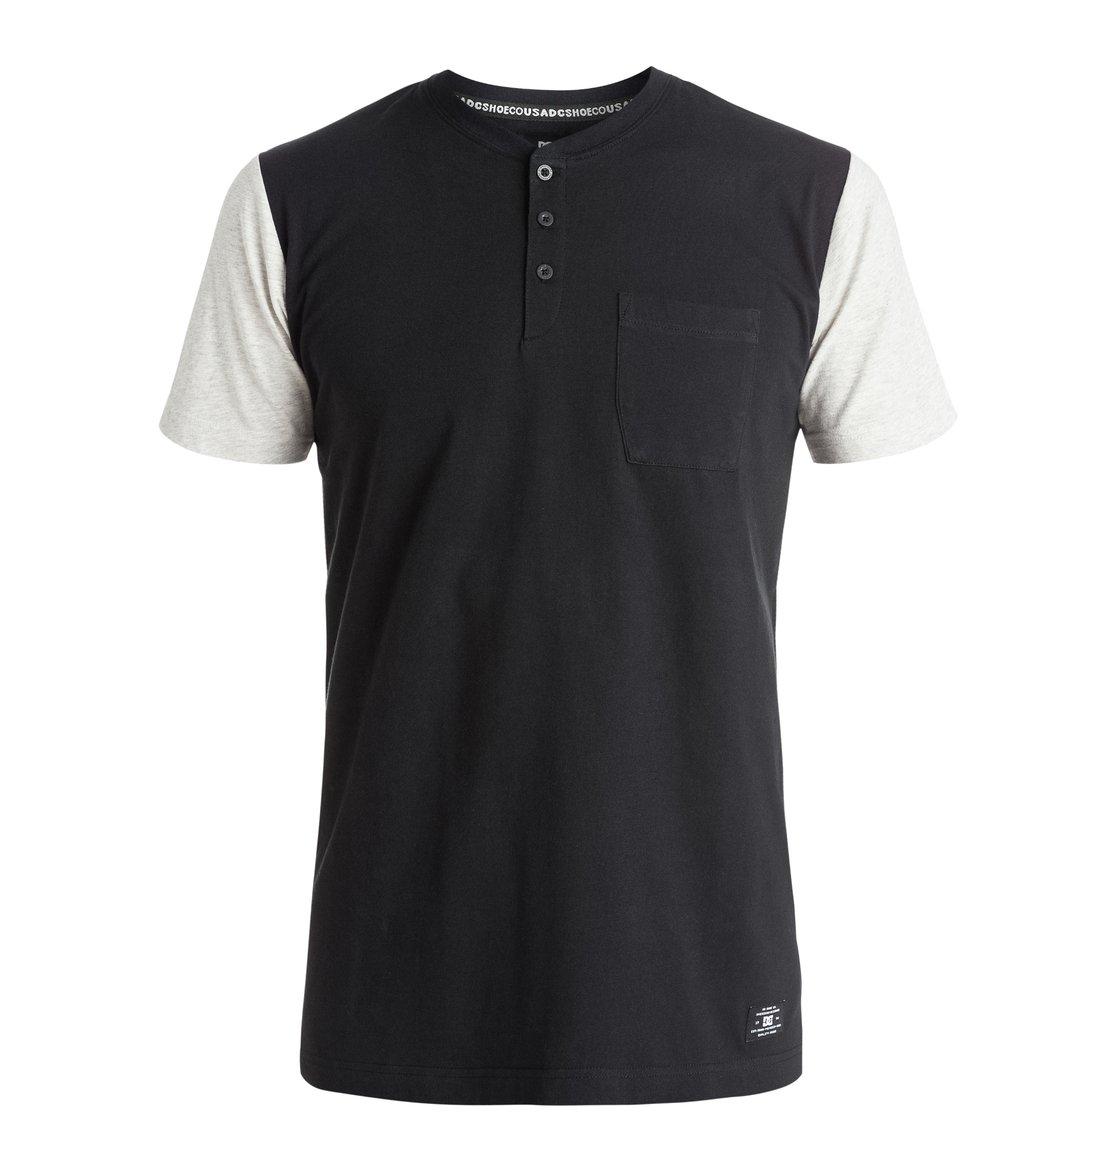 Willowbrook T-Shirt - DcshoesМужская футболка Willowbrook от DC Shoes. <br>ХАРАКТЕРИСТИКИ: мягкий трикотаж, классический дизайн Henley, воротник в бейсбольном стиле и в рубчик и нагрудный карман, тело и рукава контрастного цвета. <br>СОСТАВ: 100% хлопок.<br>